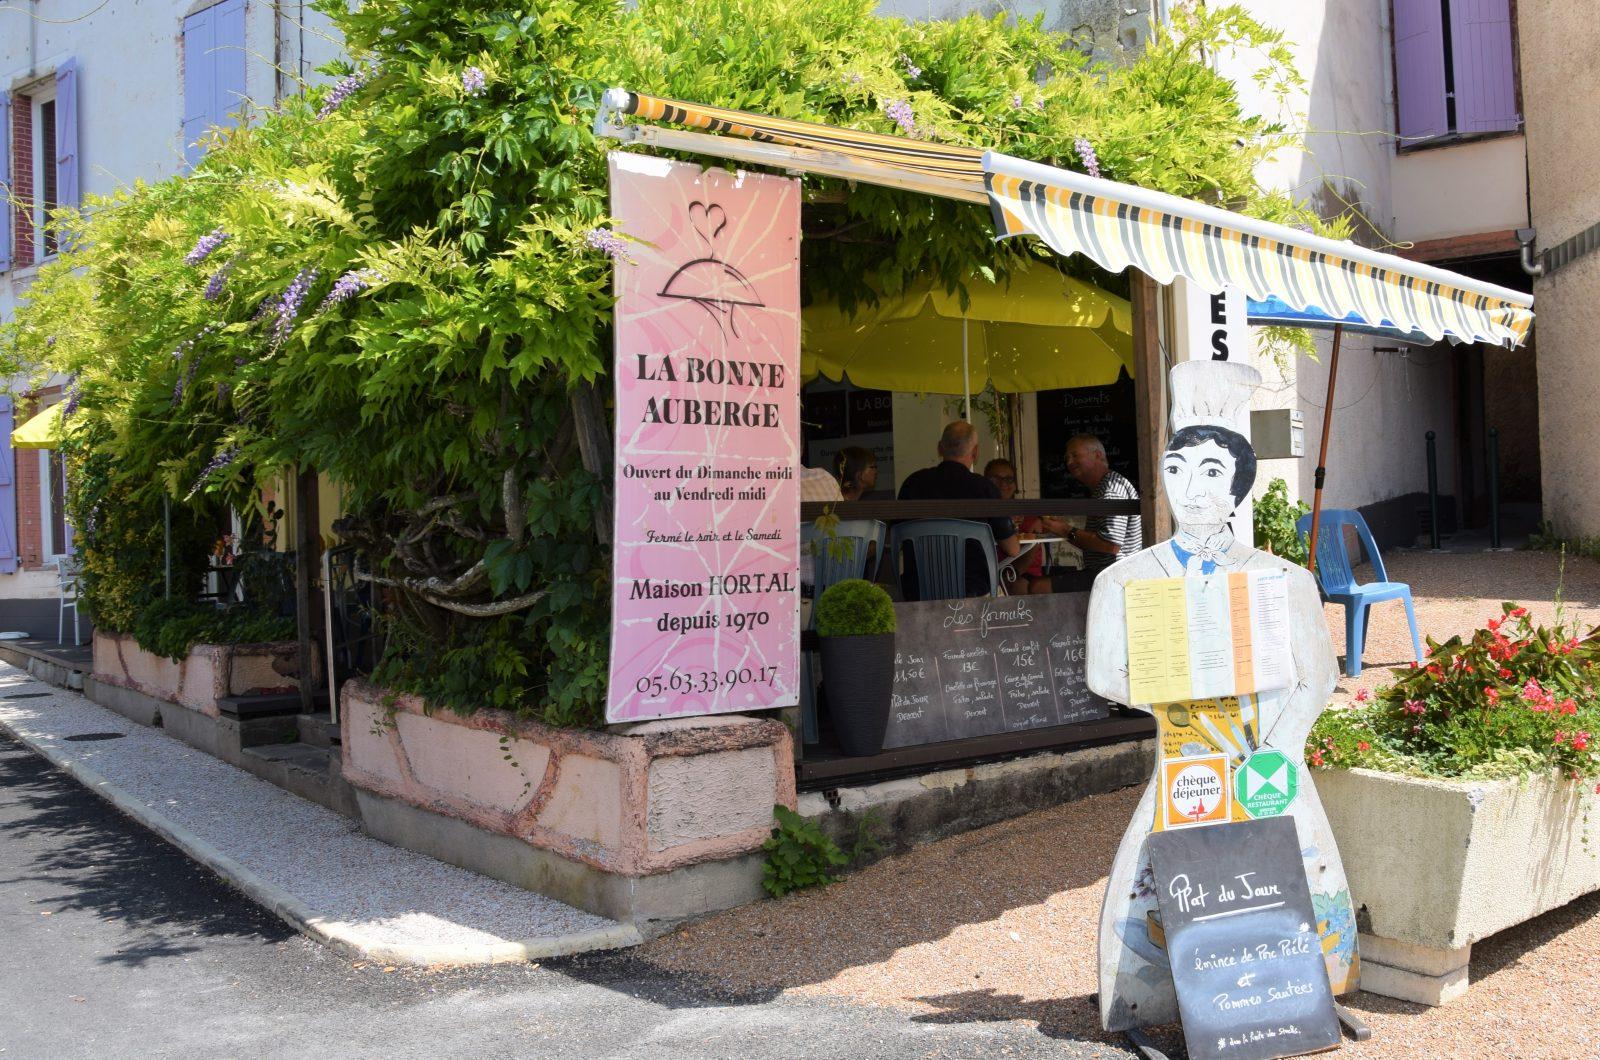 Restaurant La Bonne Auberge